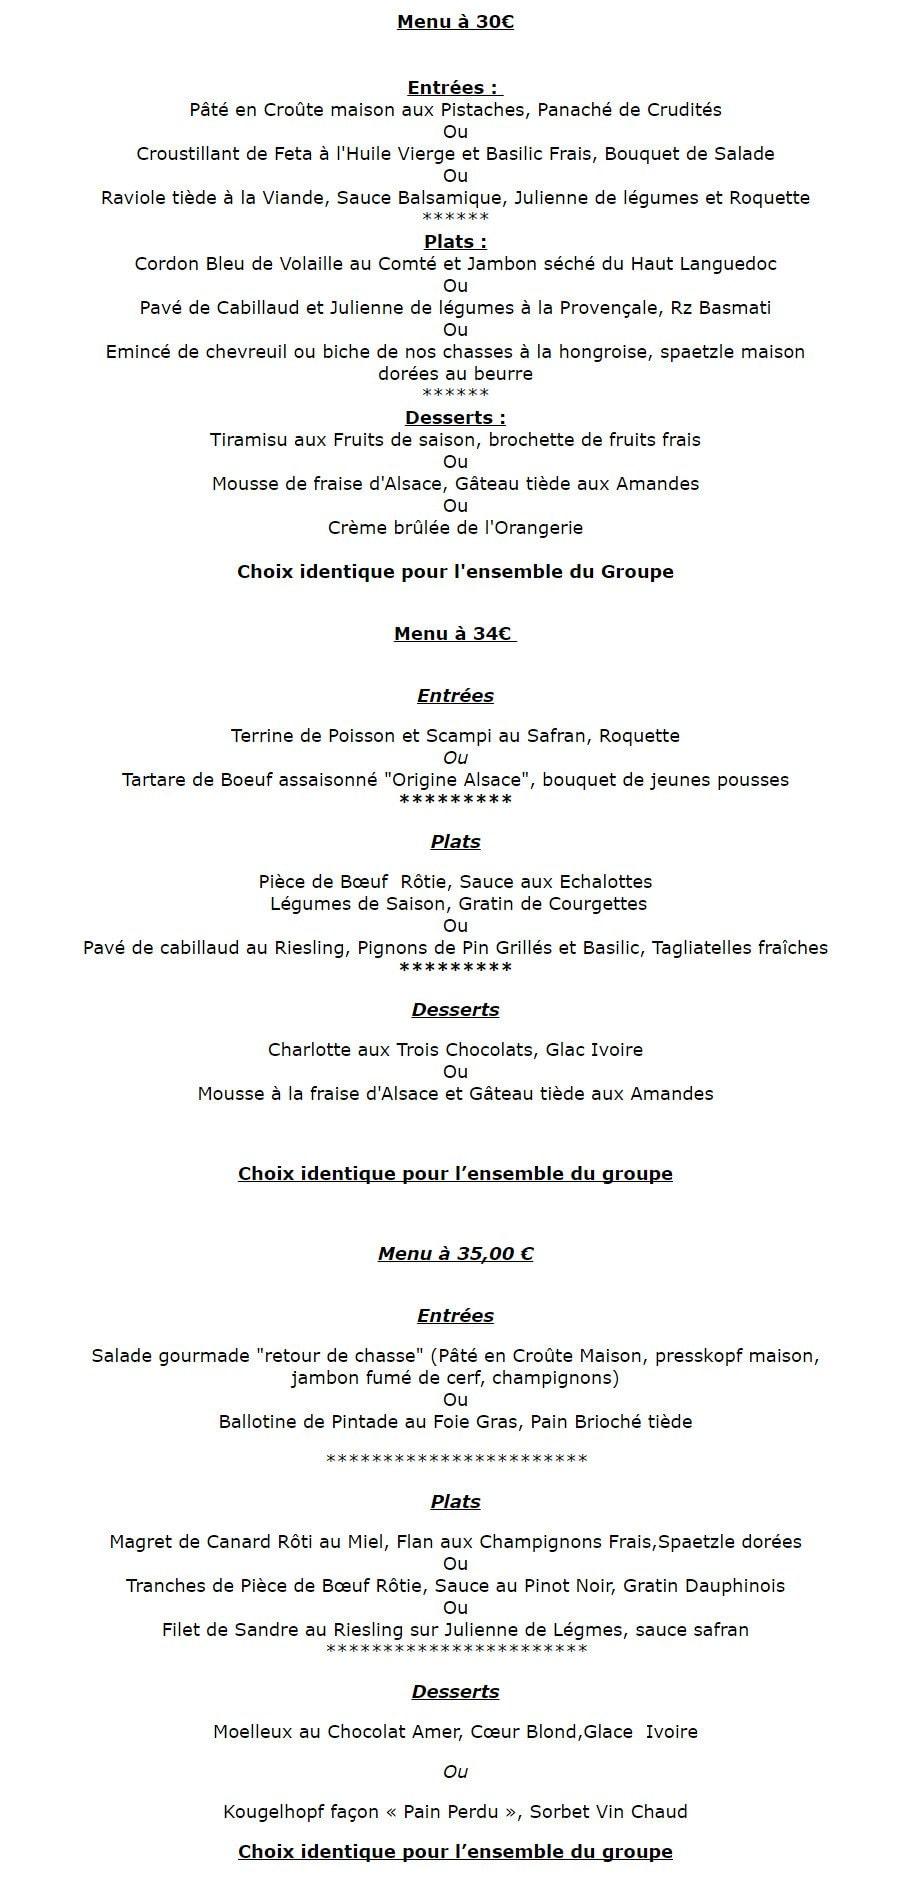 Le jardin de l 39 orangerie strasbourg carte menu et photos - Restaurant jardin de l orangerie strasbourg ...